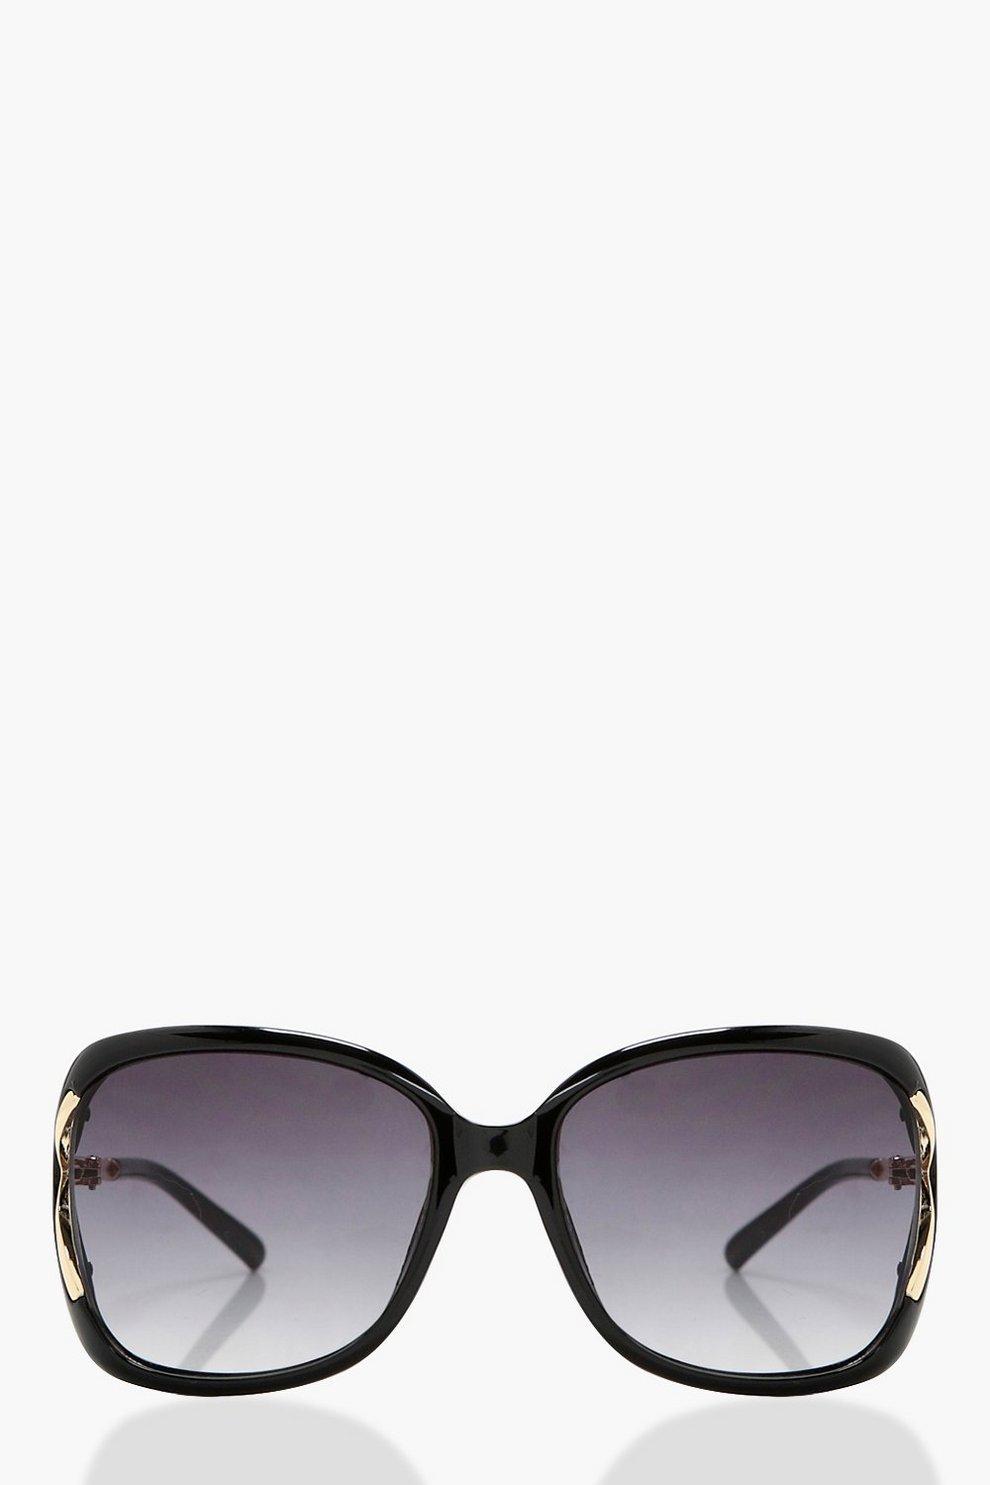 Harriet Large Frame Sunglasses   Boohoo